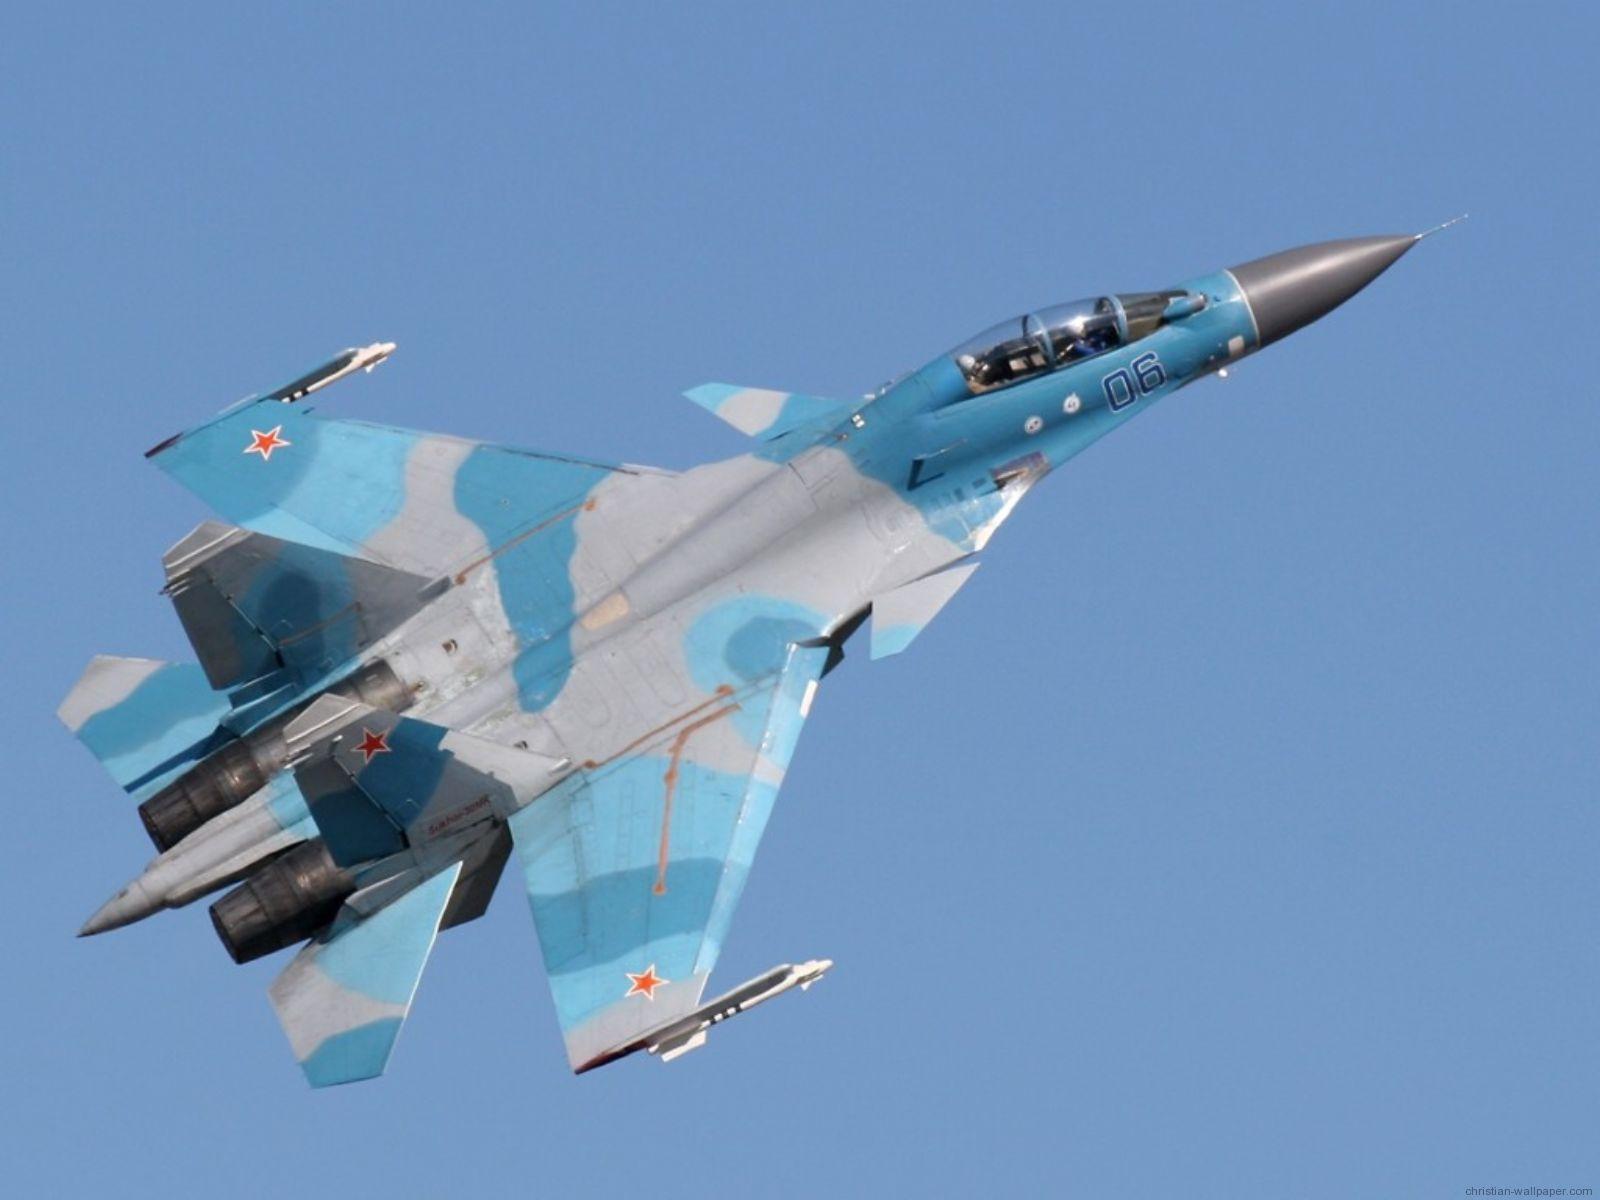 http://4.bp.blogspot.com/_7EVxbgdX3do/TUzqXI00fKI/AAAAAAAAAW4/ytUhSiva0u4/s1600/Sukhoi_Su-30_MK_Flanker_Climbing.jpg